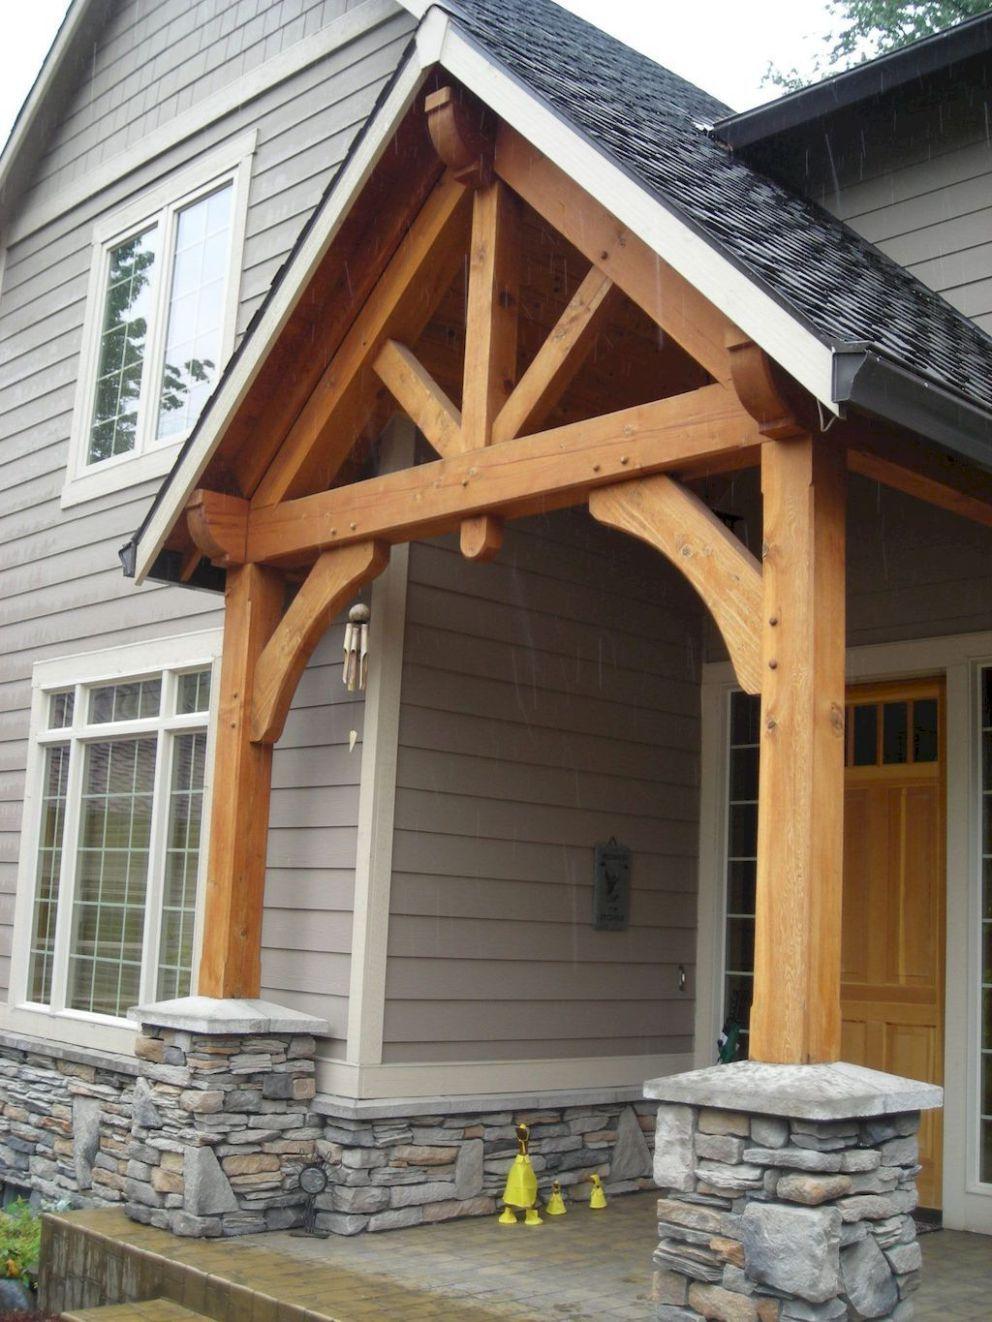 Front Porch Addition Farmhouse Front Porches House: 08 Gorgeous Farmhouse Front Porch Decor And Design Ideas